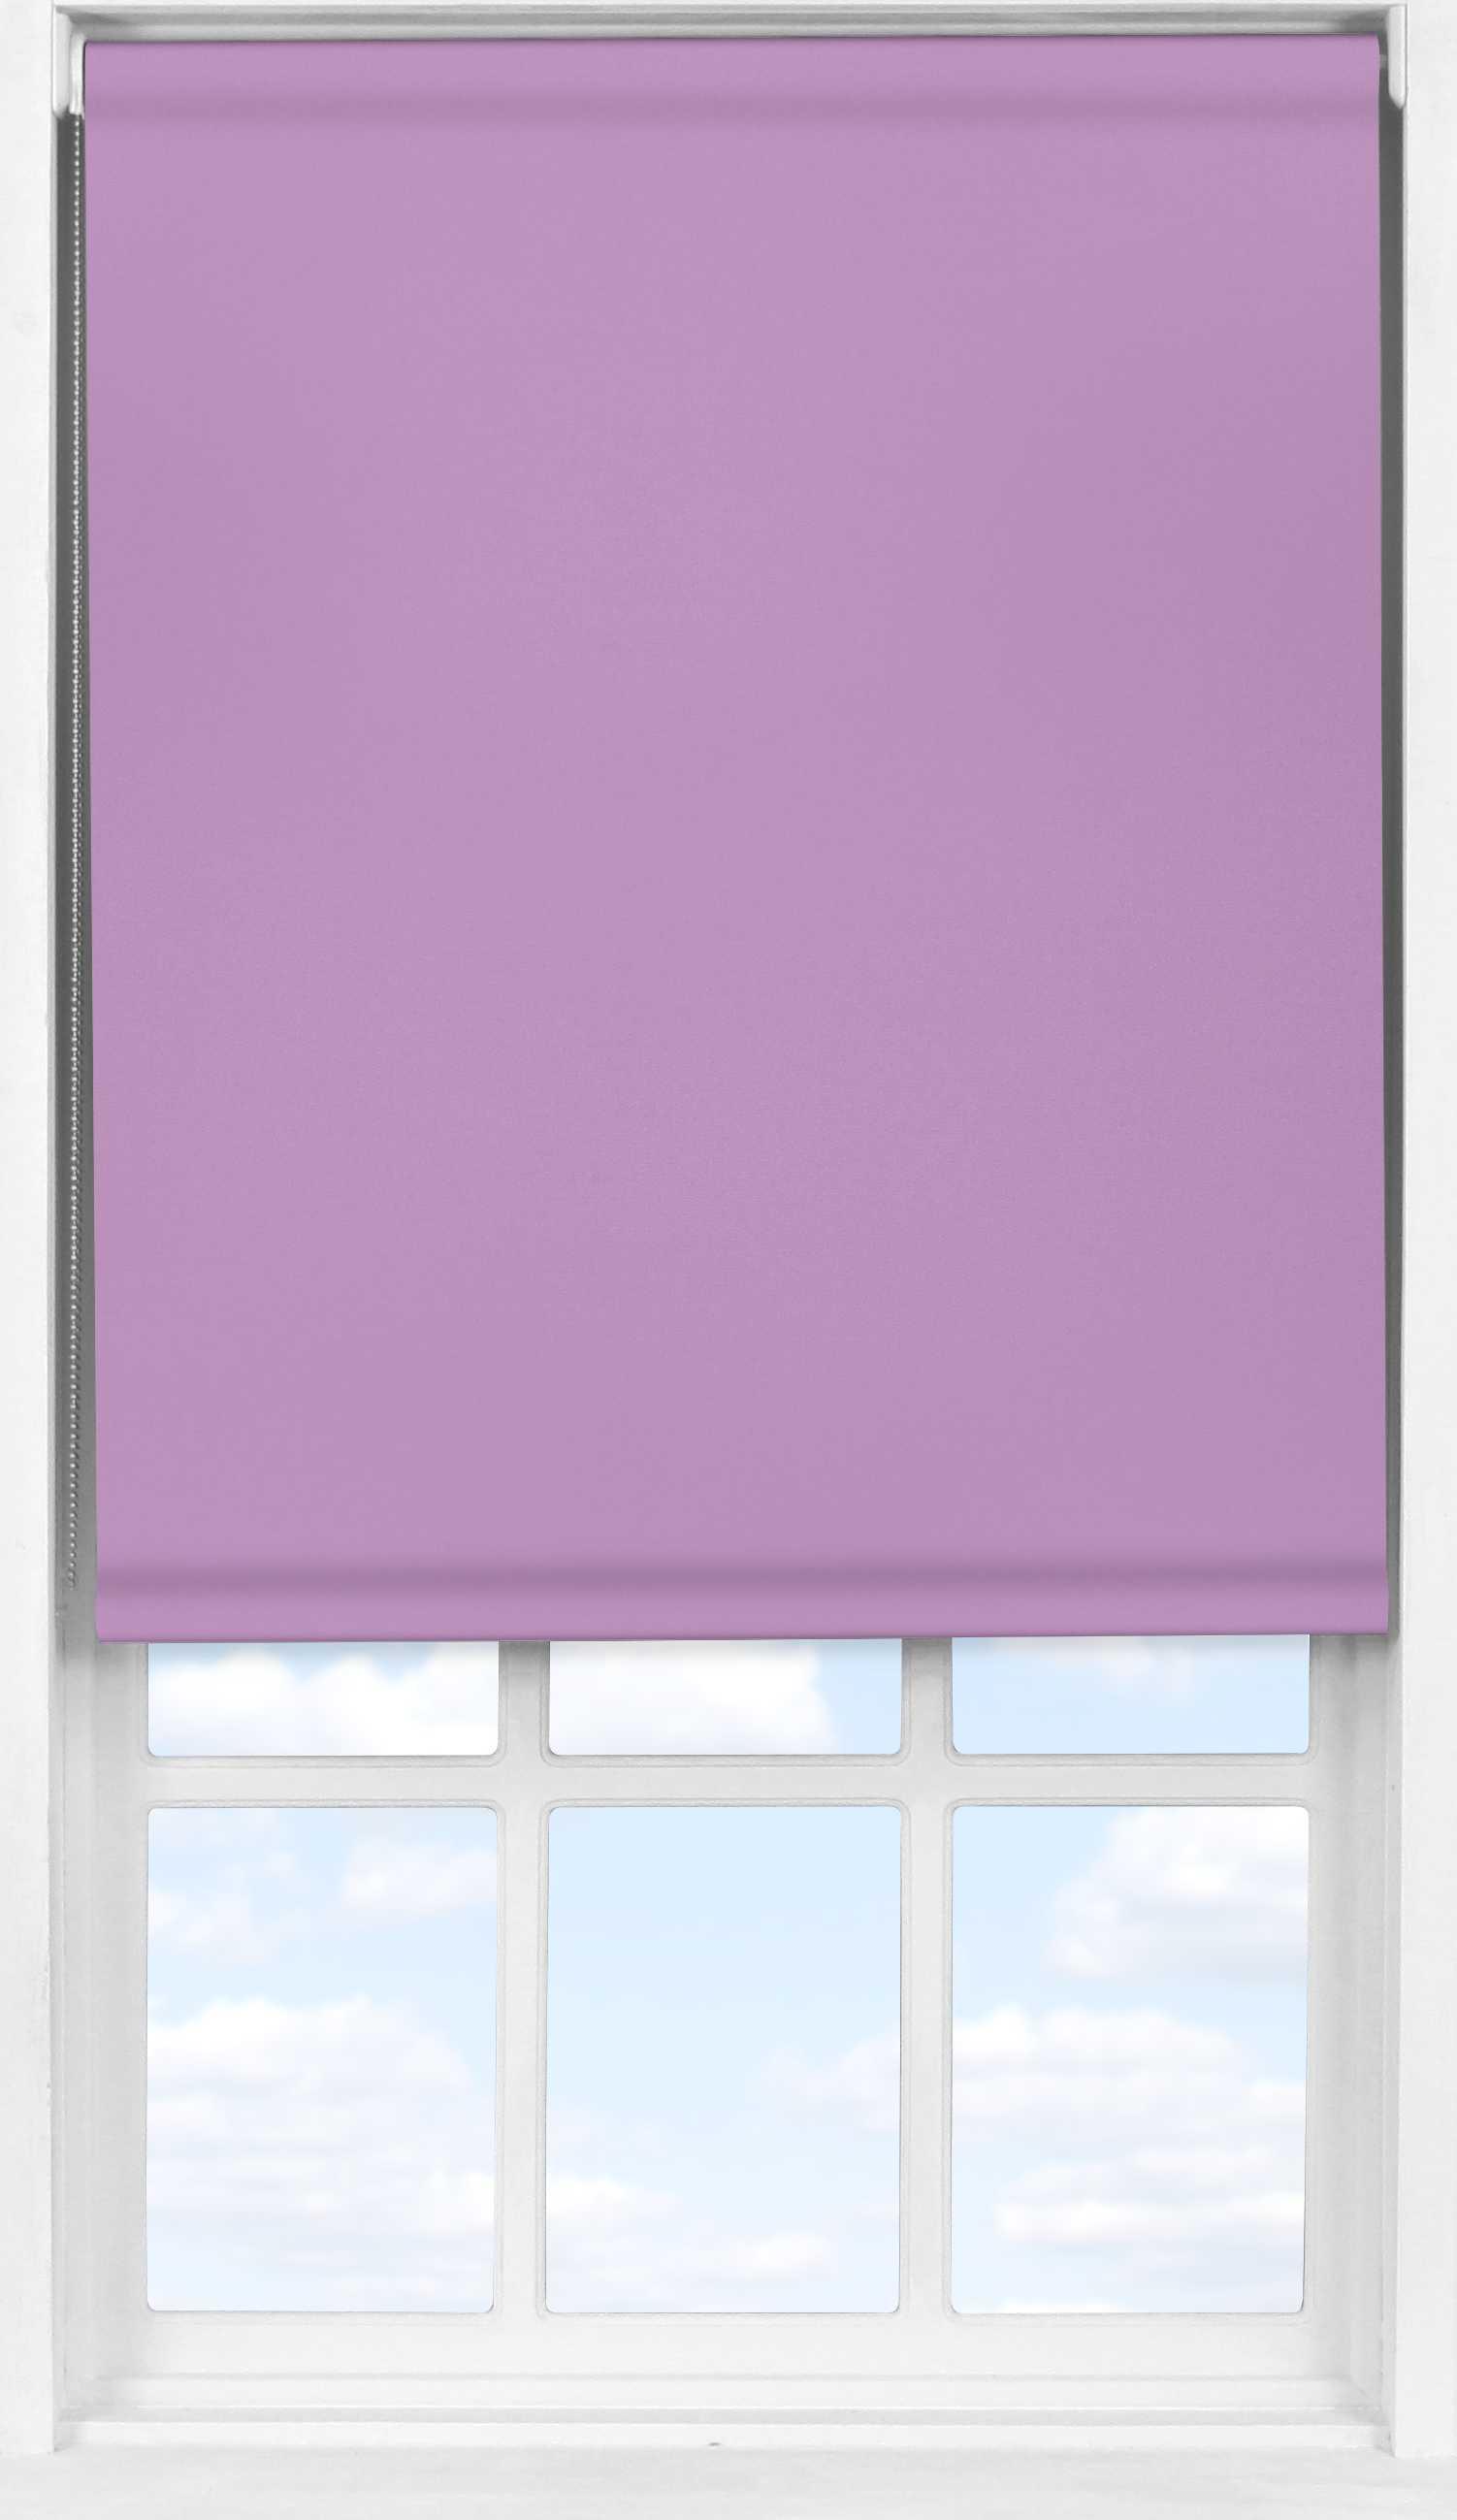 Easifit Roller Blind in Lavender Mist Translucent